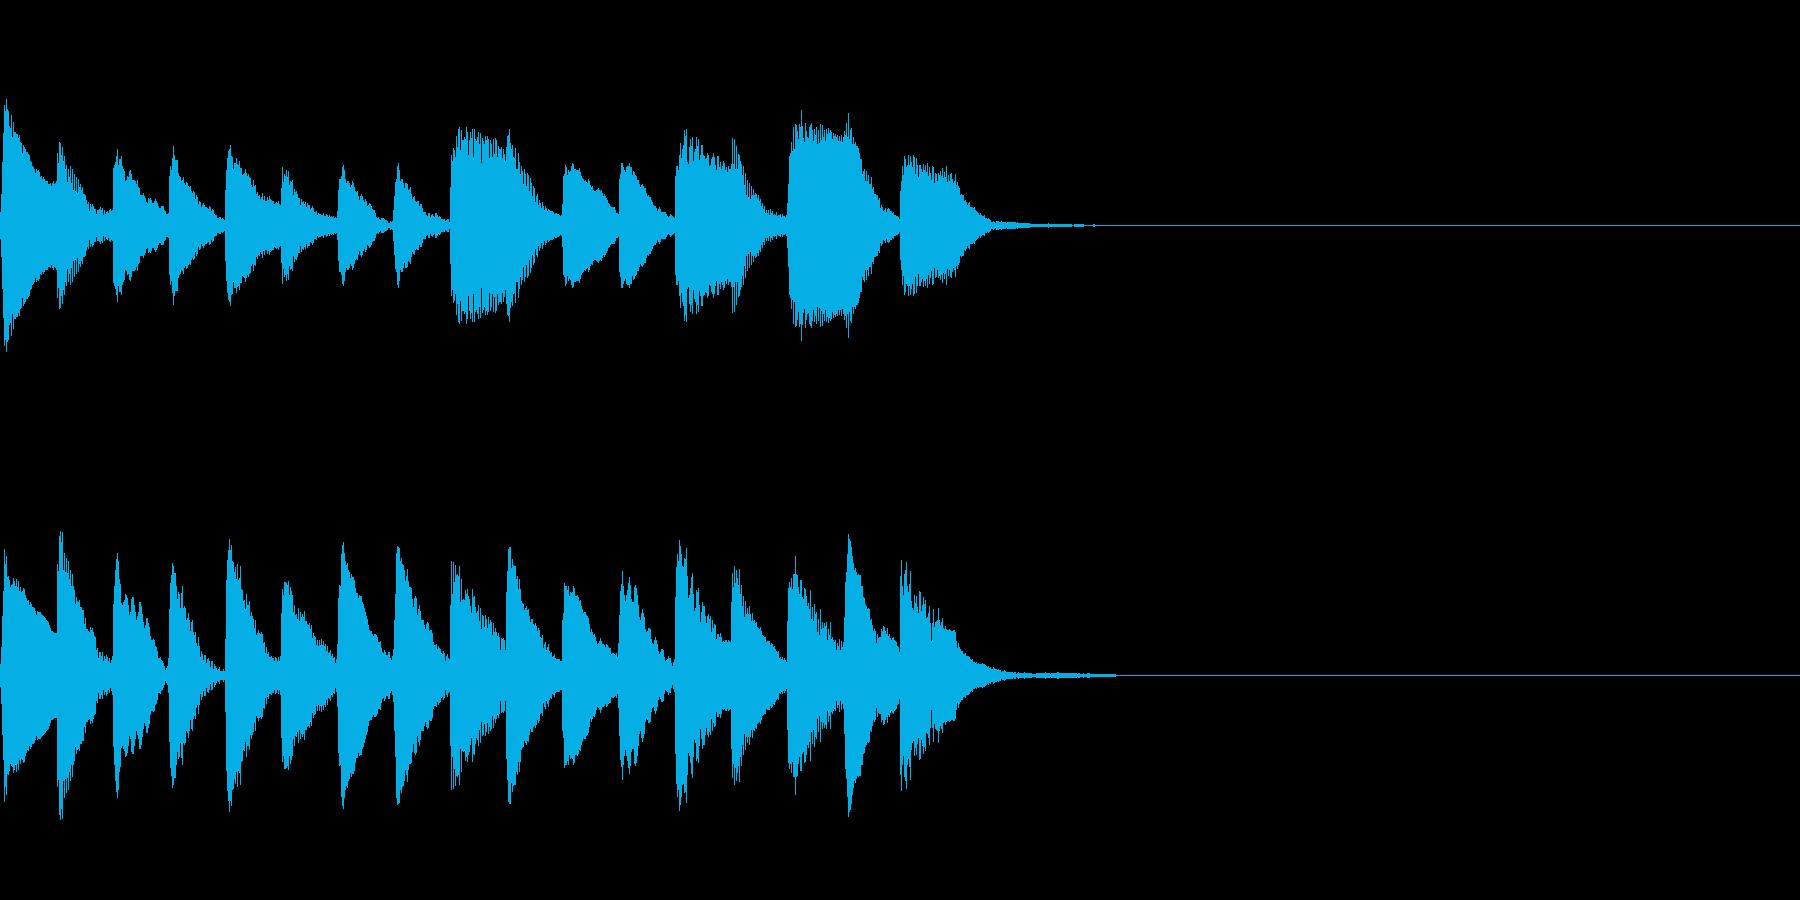 入店音~ヴィブラフォン~の再生済みの波形